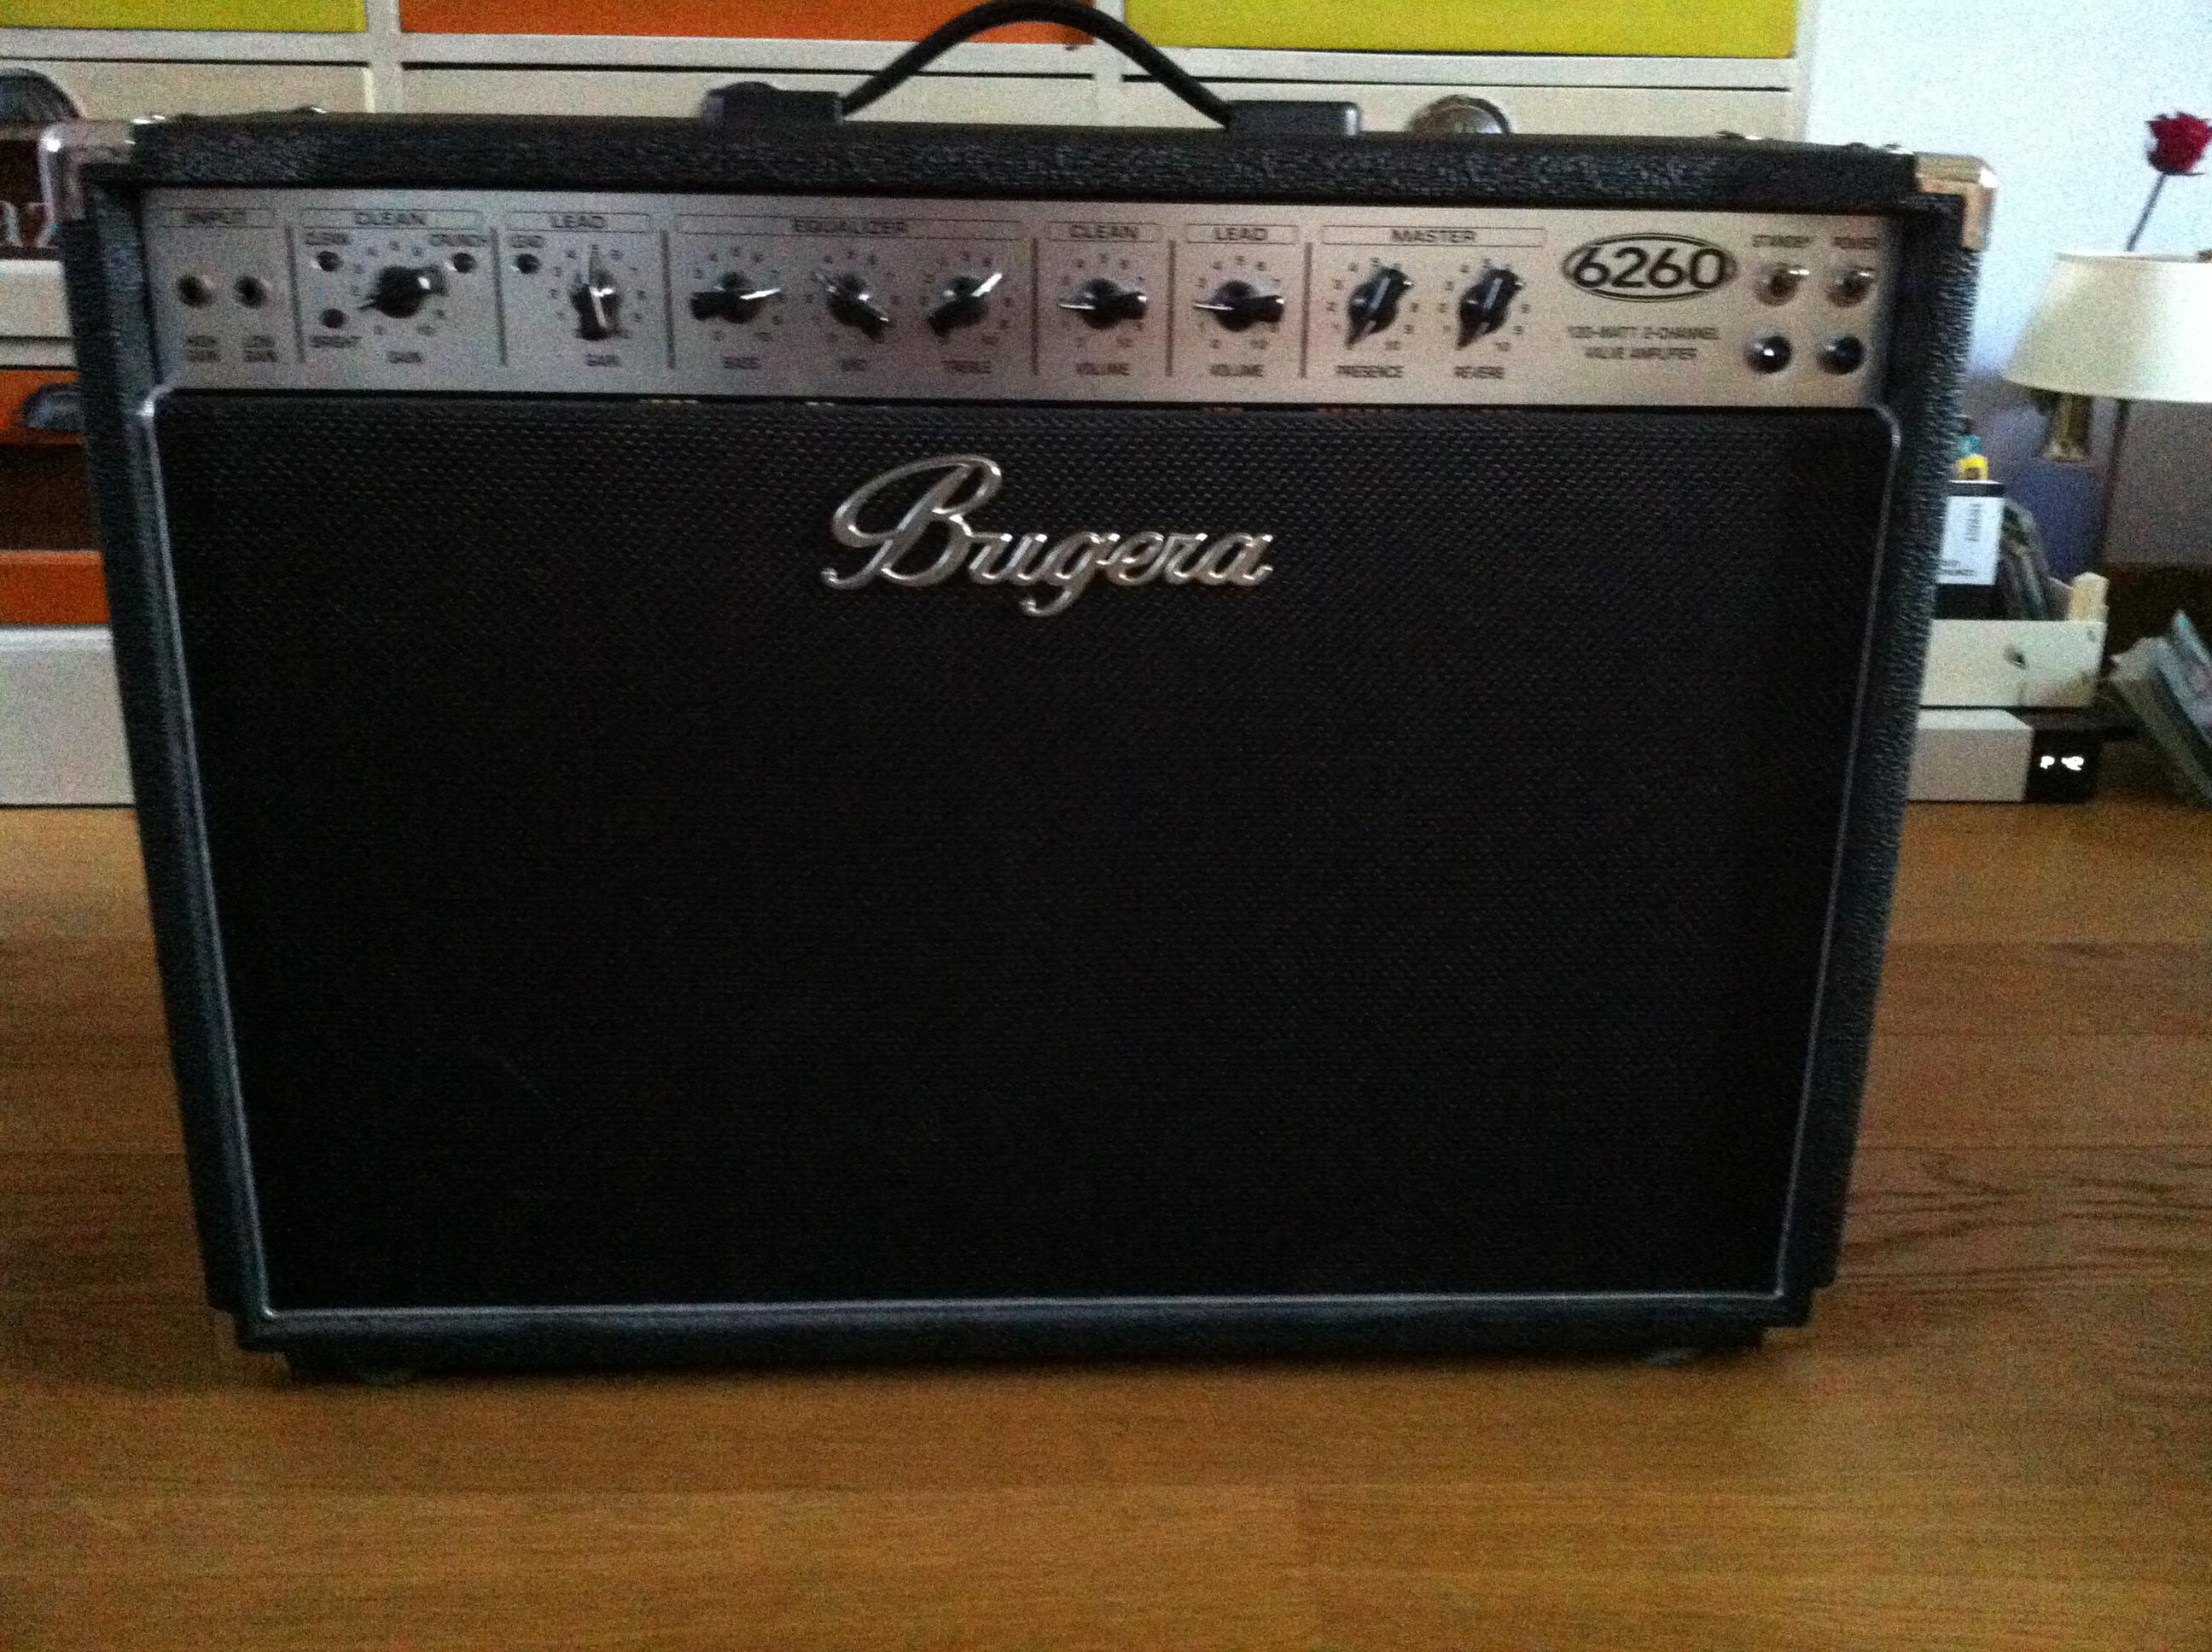 bugera-6260-212-805235.jpg